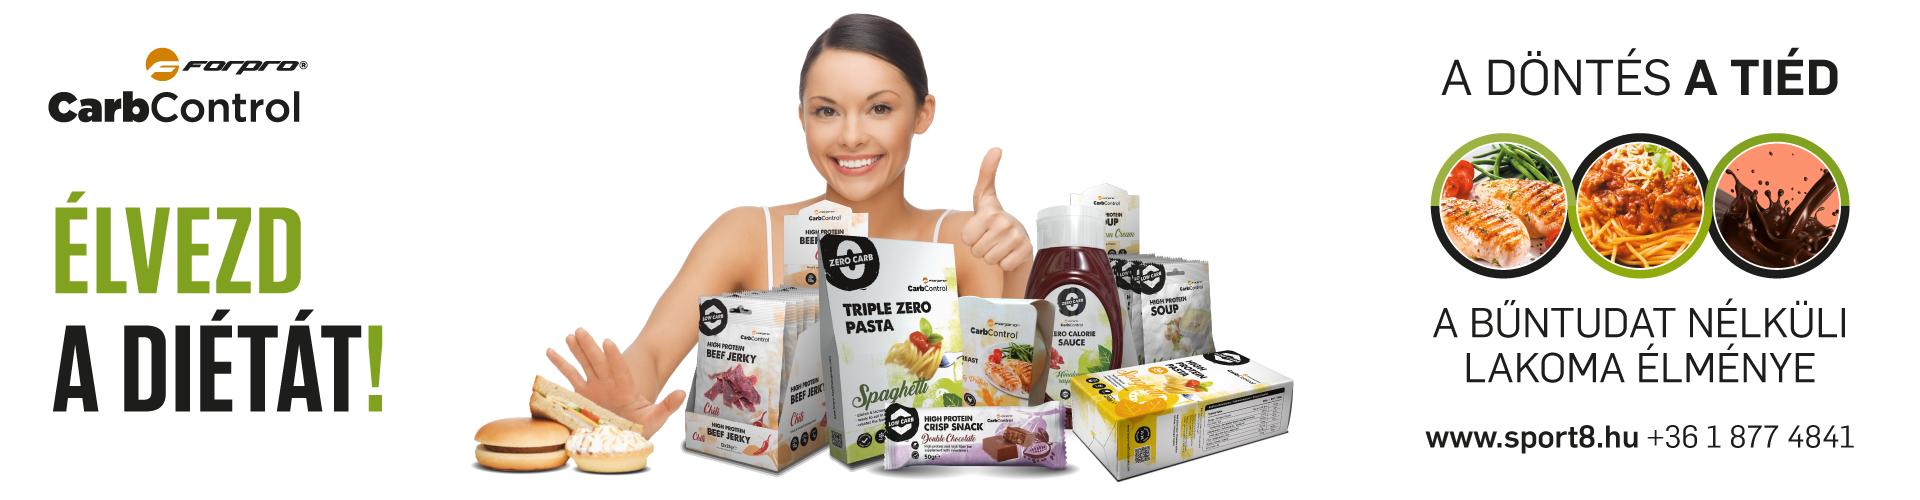 Forpro diétás termékek